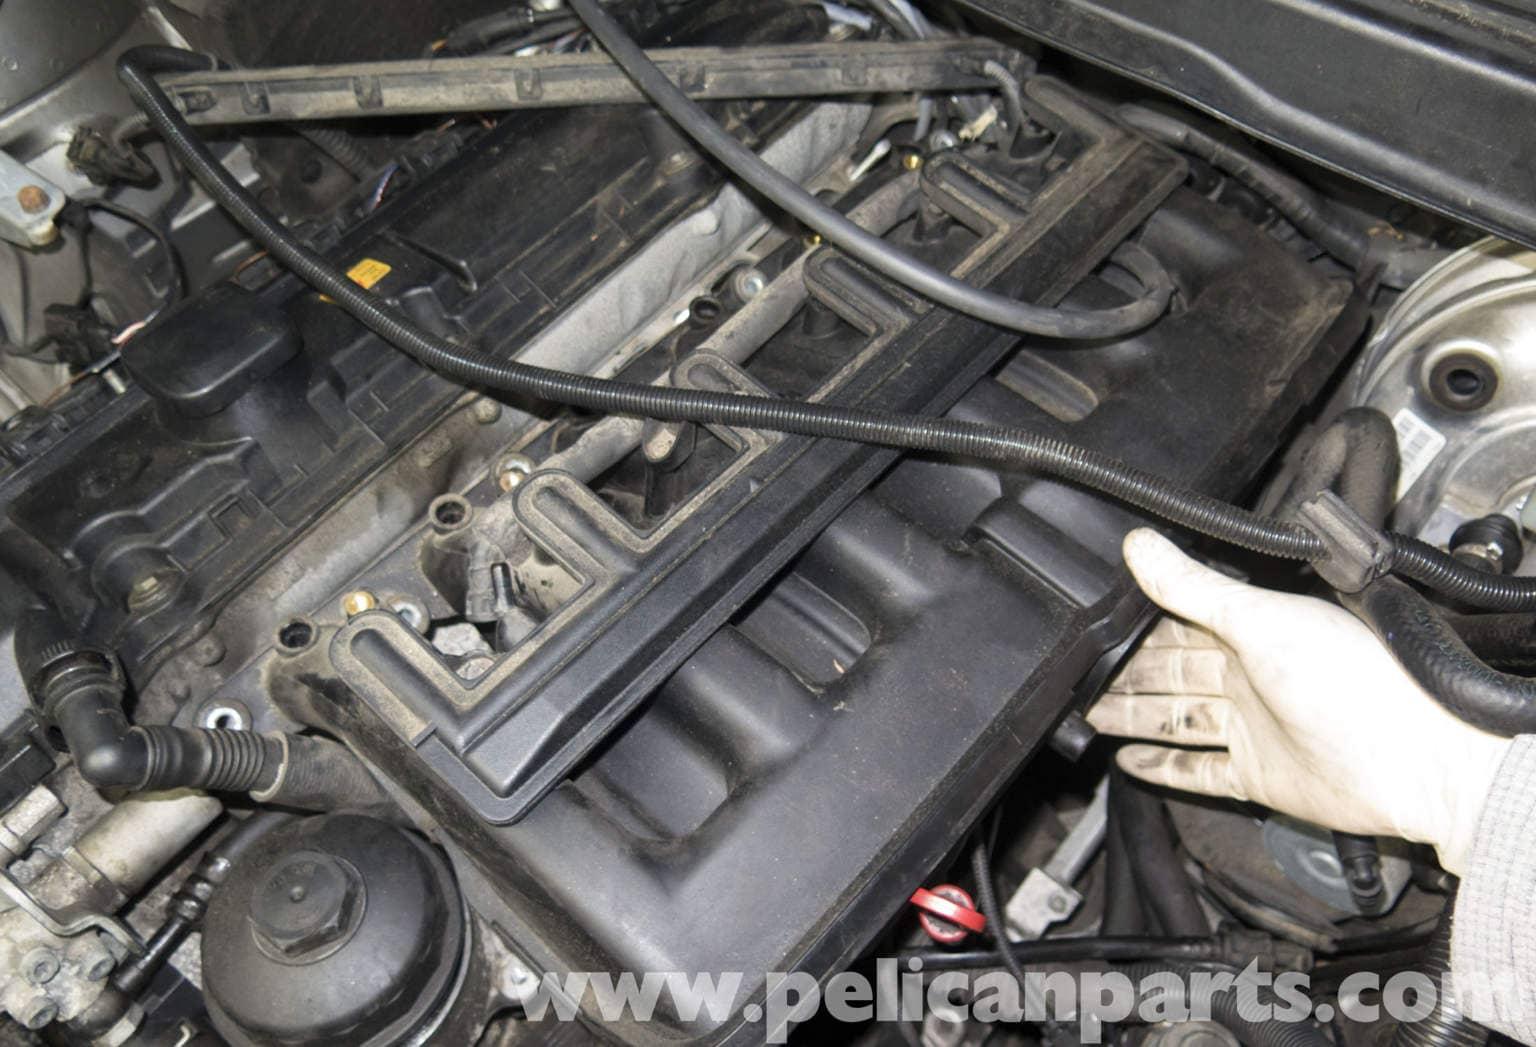 Removing M54 Intake Manifold  BMW E60 5-Series DISA Valve